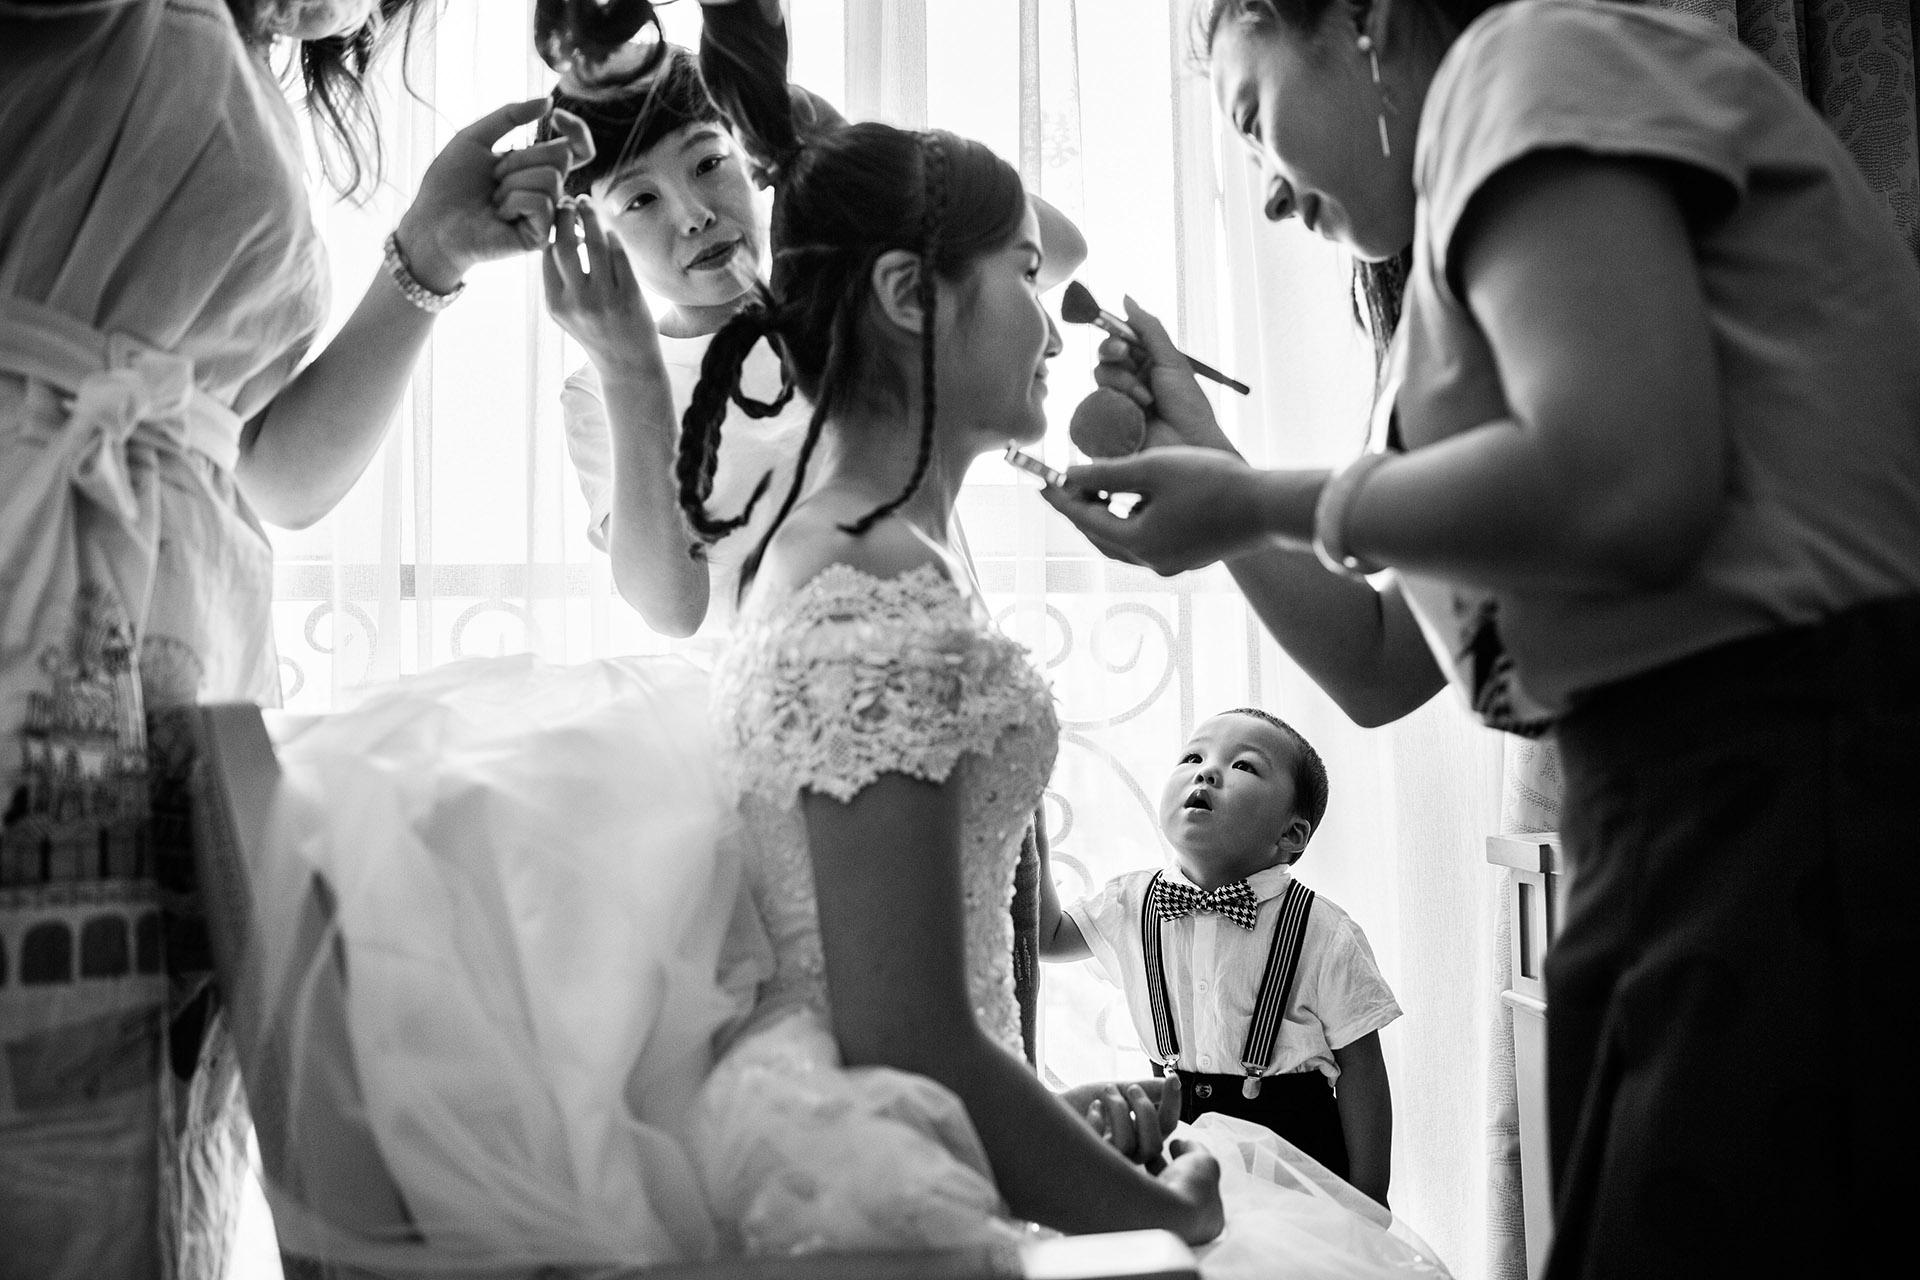 Brautjungfern und ein kleiner Junge beobachten, wie die Braut ihr Make-up in einem geschäftigen Raum in diesem Schwarzweißfoto macht